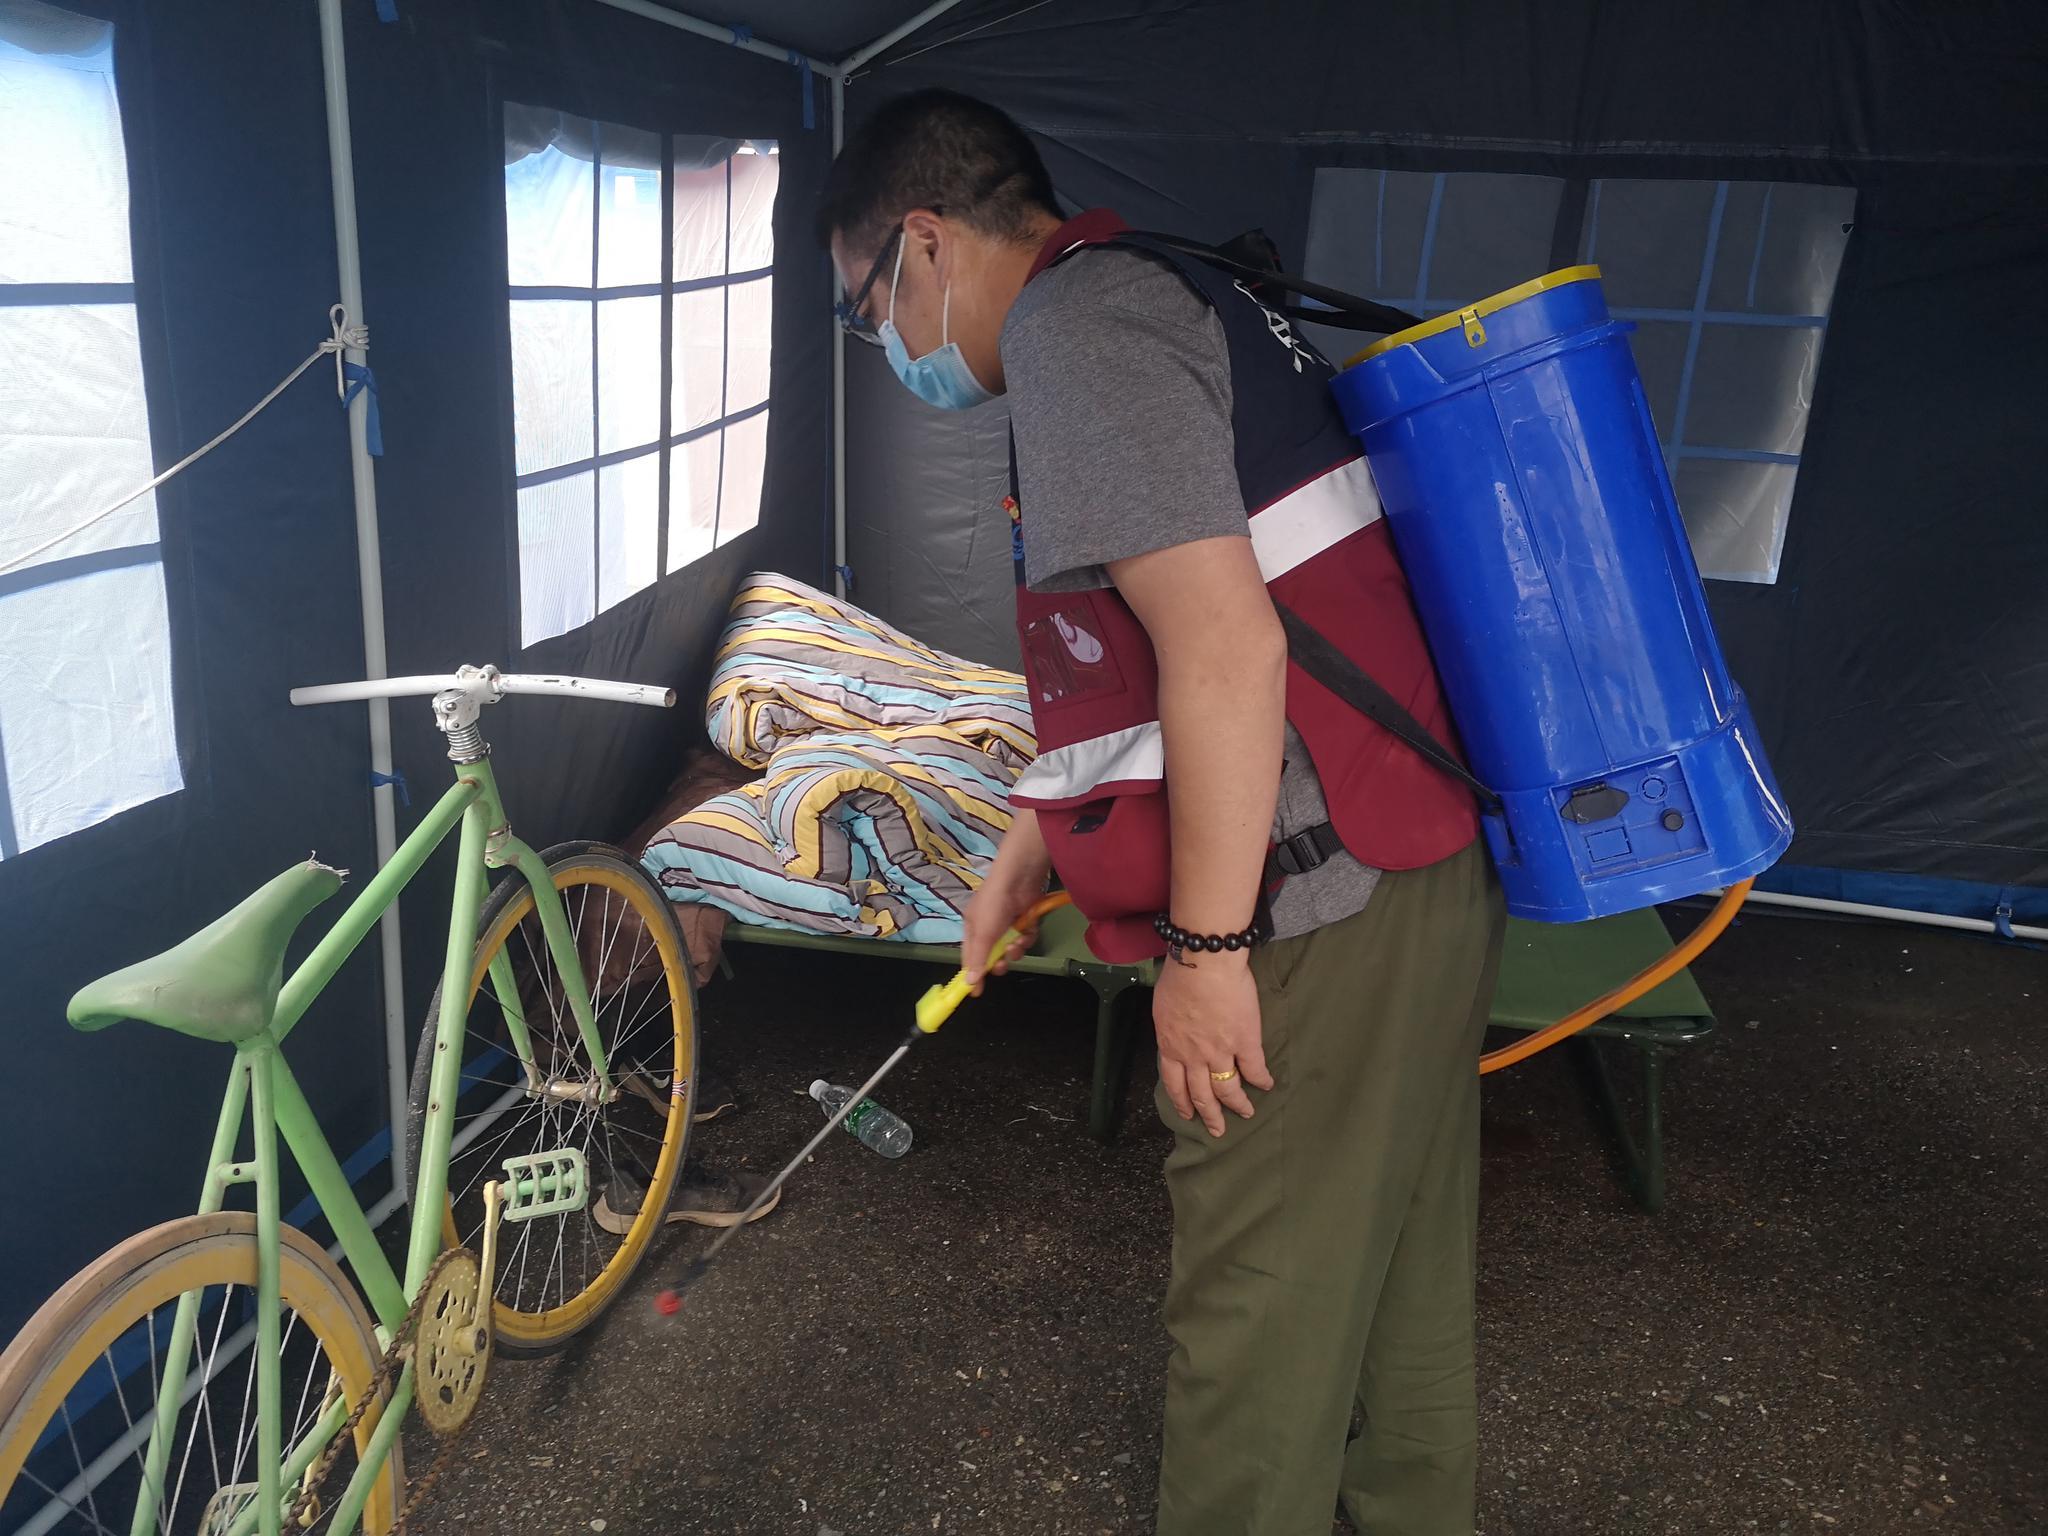 6月30日,庄韬在原曹古乡乡政府门前的安置帐篷内消毒。新京报记者 李桂 摄